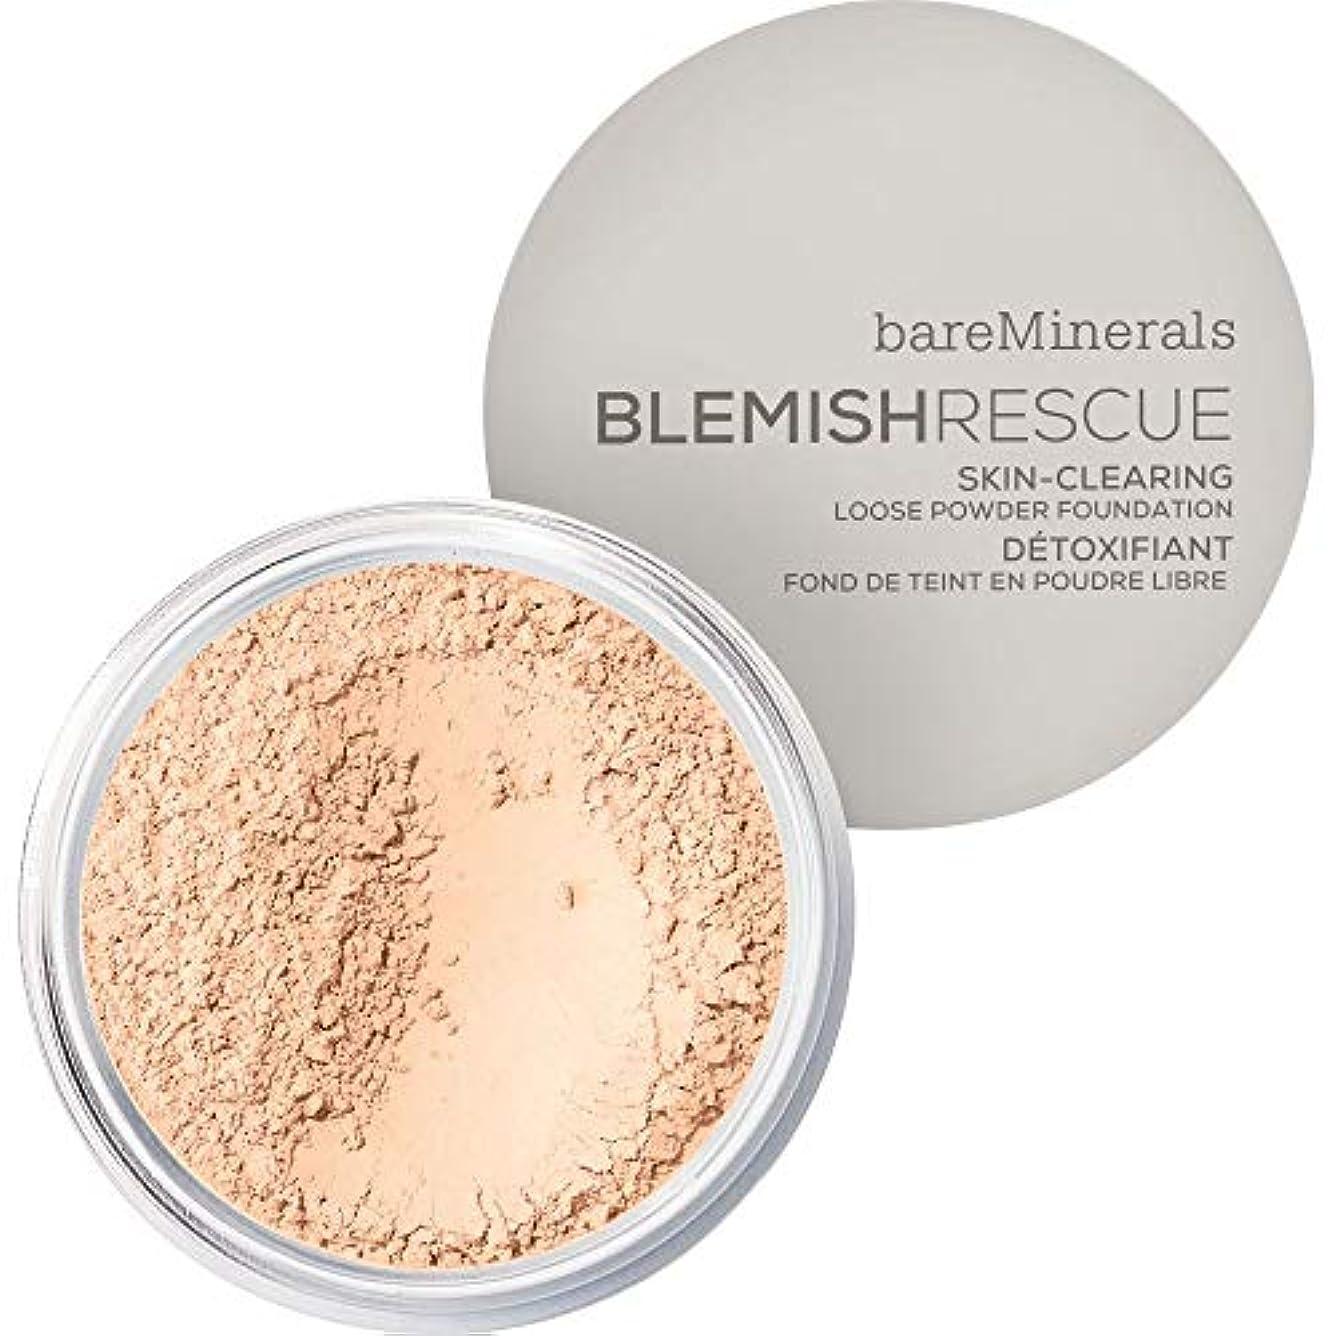 クラシック反乱鼓舞する[bareMinerals ] ベアミネラルは、レスキュースキンクリア緩いパウダーファンデーション6グラム1Cは傷 - フェア - bareMinerals Blemish Rescue Skin-Clearing Loose Powder Foundation 6g 1C - Fair [並行輸入品]